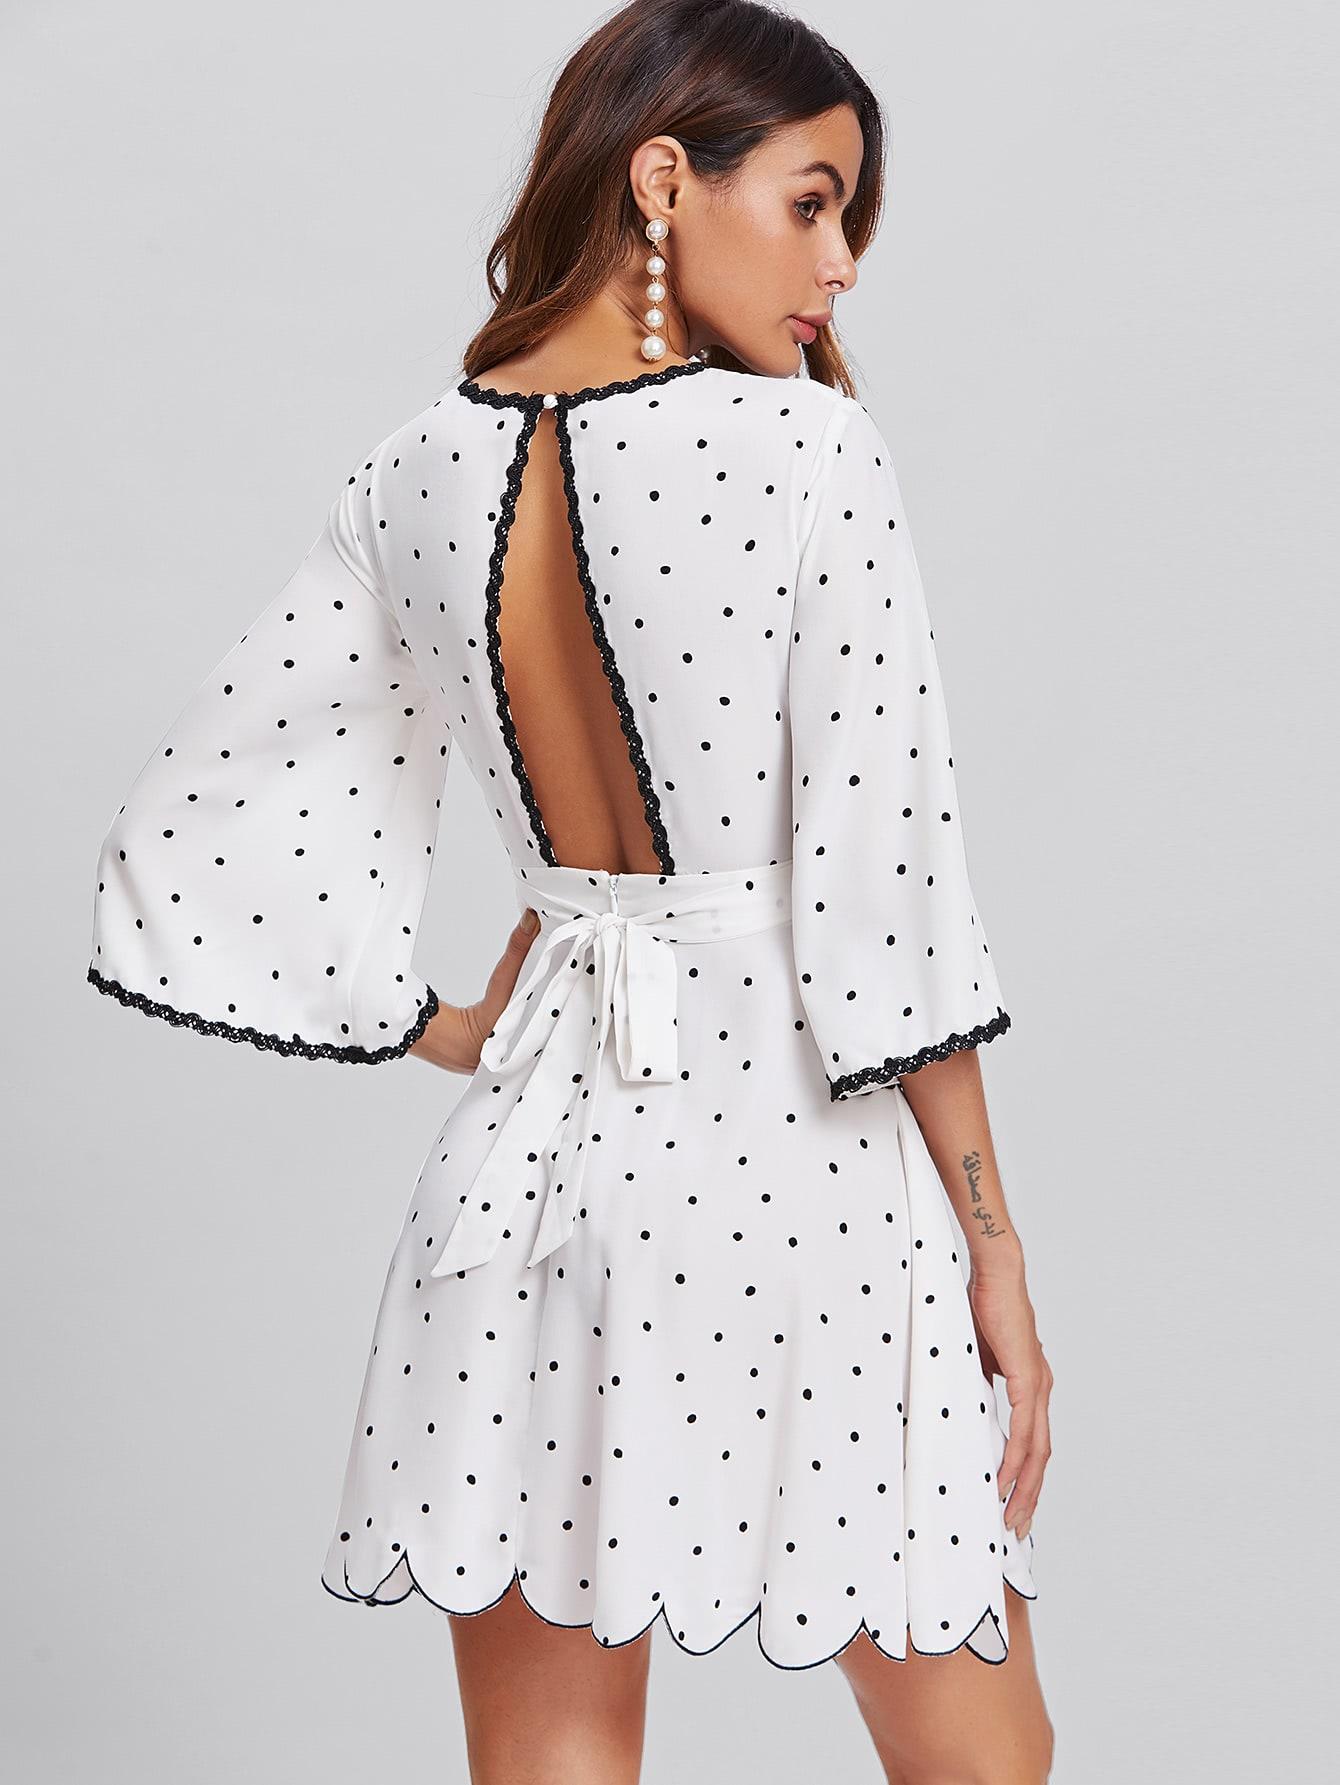 все цены на Bell Sleeve Open Back Scalloped Polka Dot Dress